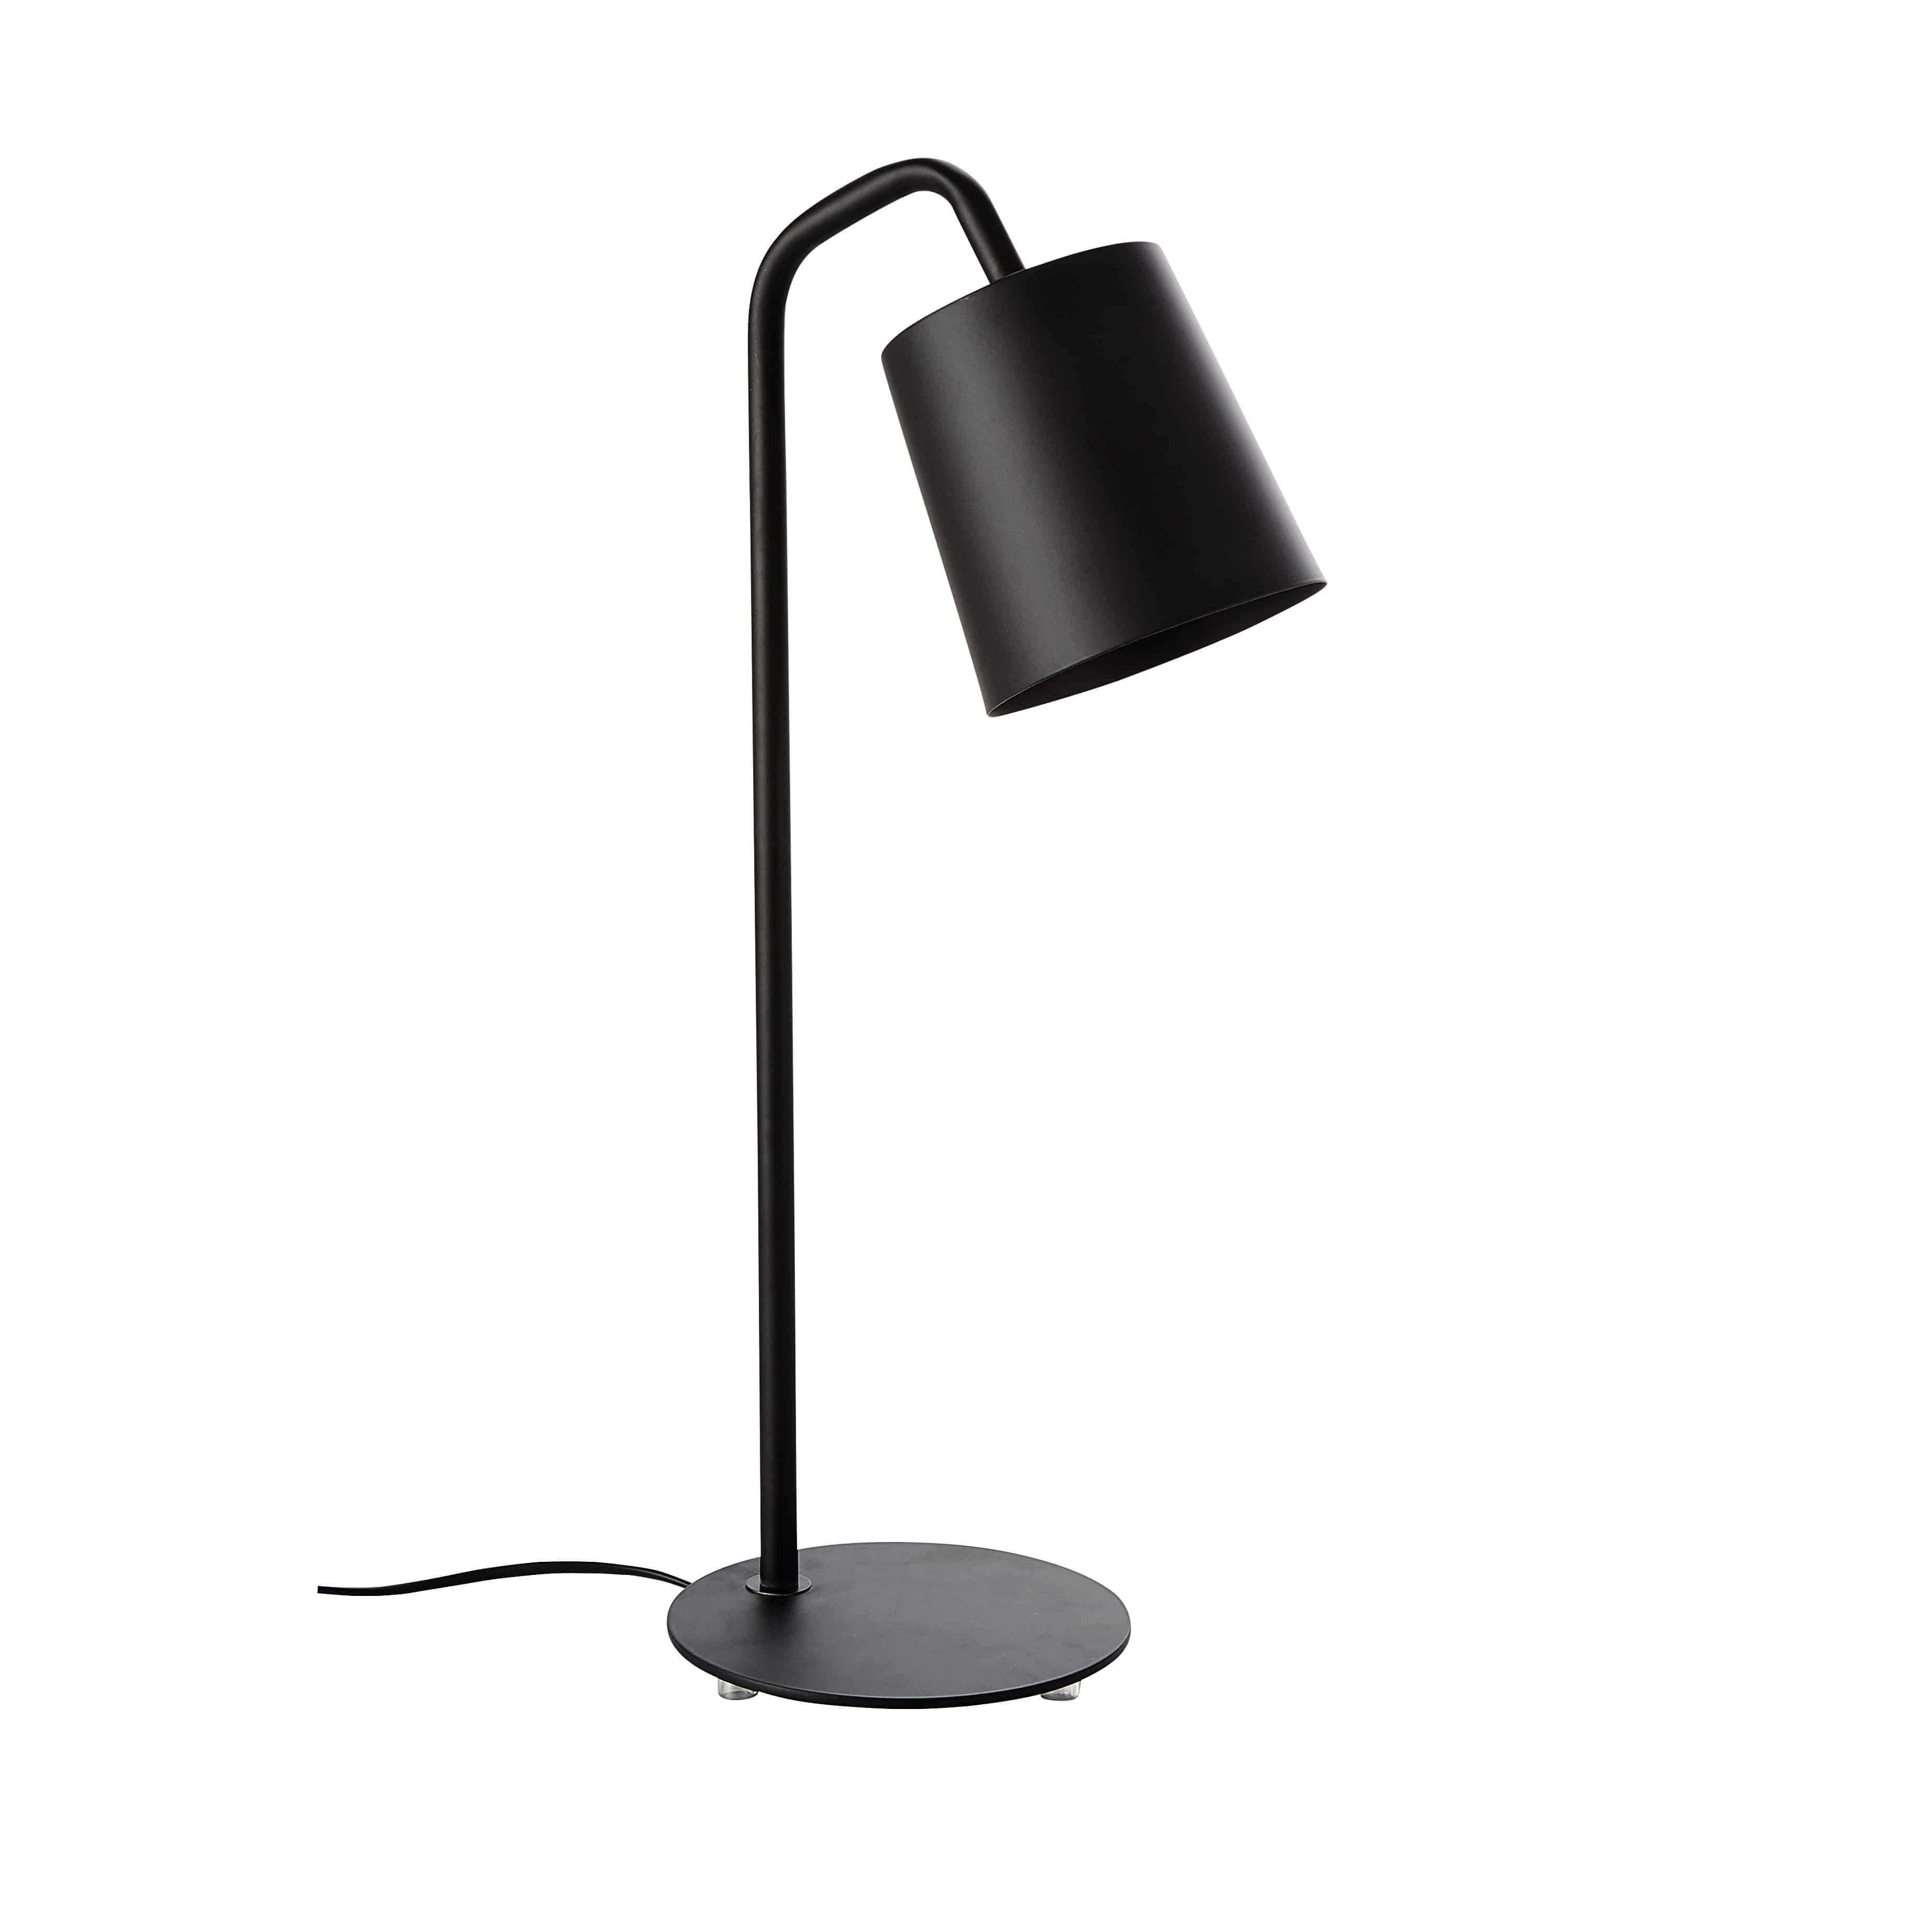 lampe aus metall schwarz d 55 cm citylive wohnen pinterest. Black Bedroom Furniture Sets. Home Design Ideas